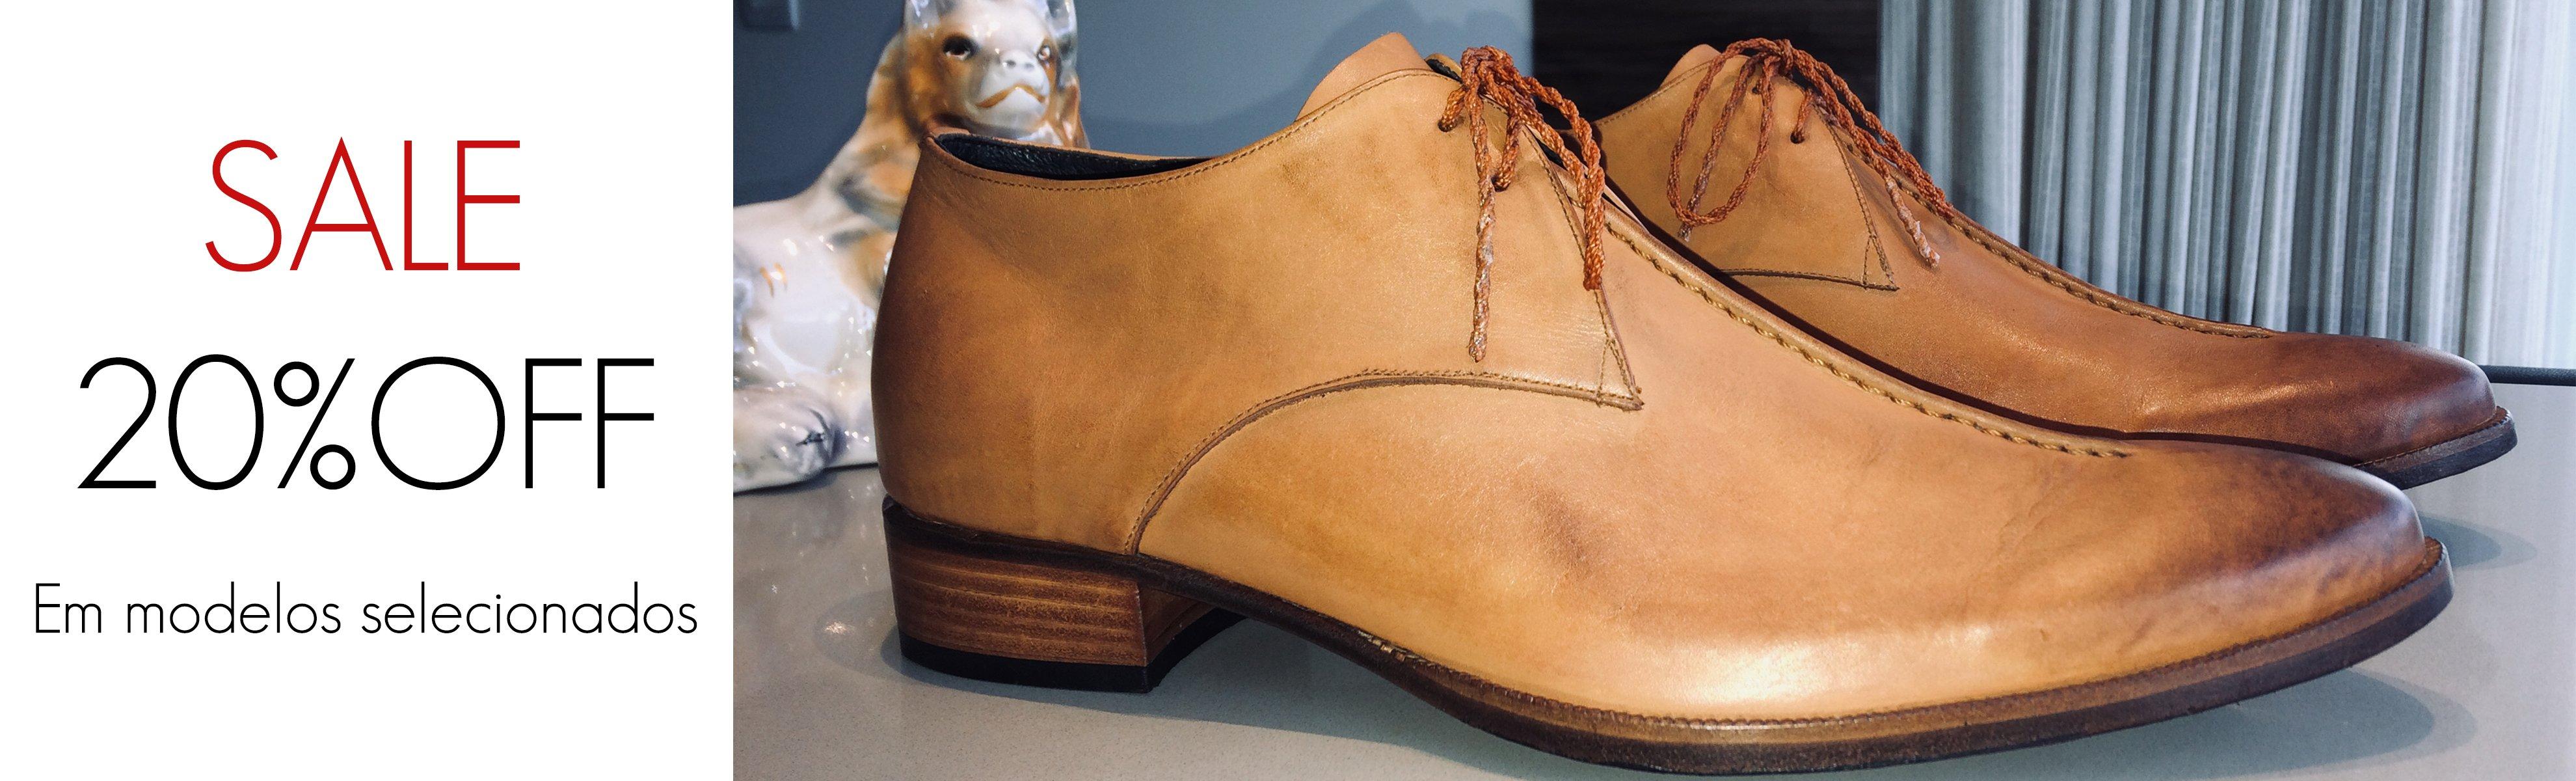 SALE E. MARCHI 20% OFF sapatos de couro feitos a mão no estilo clássico italiano.